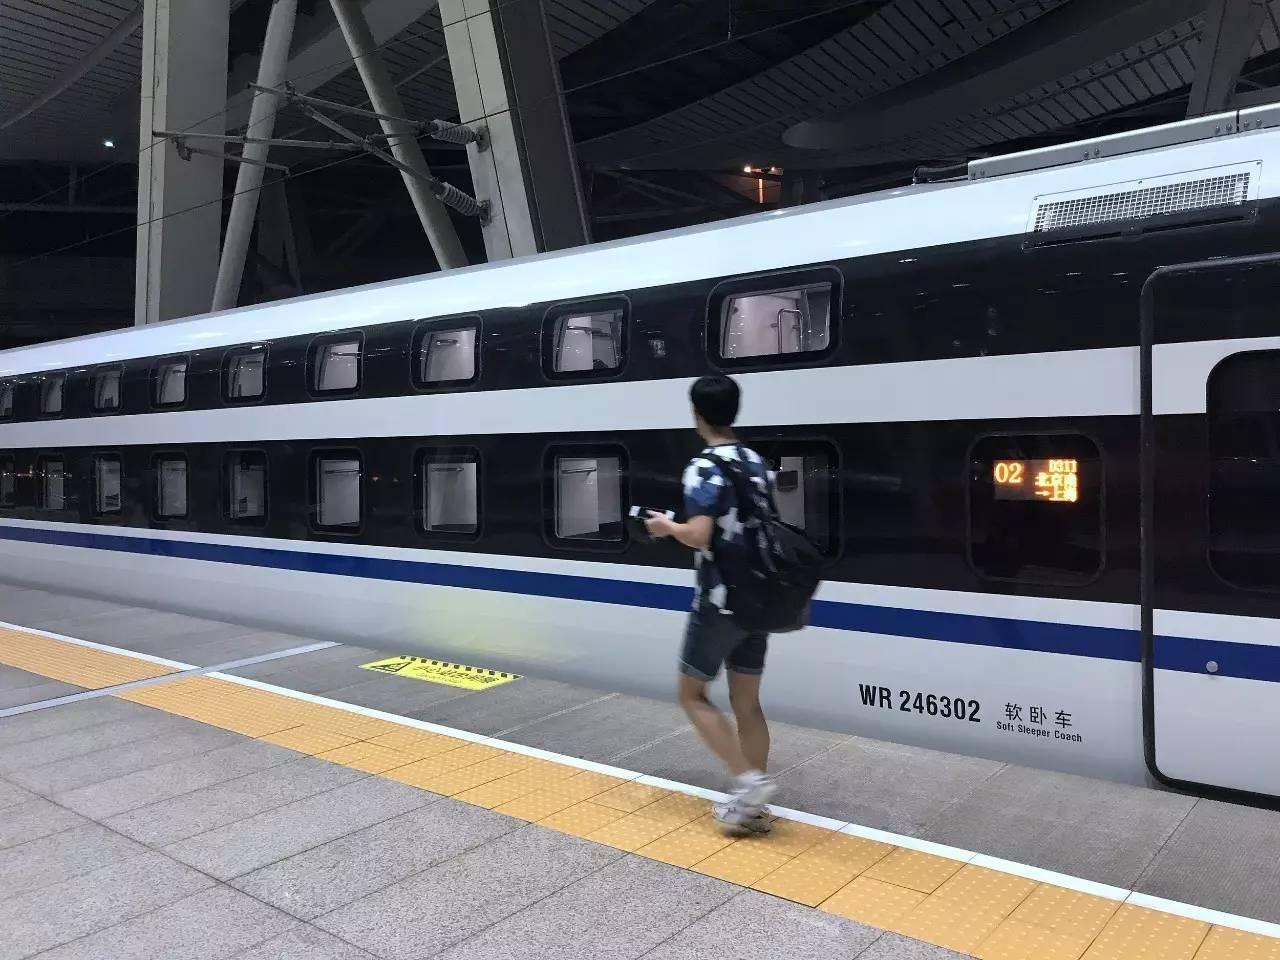 火车卧铺座位分布图